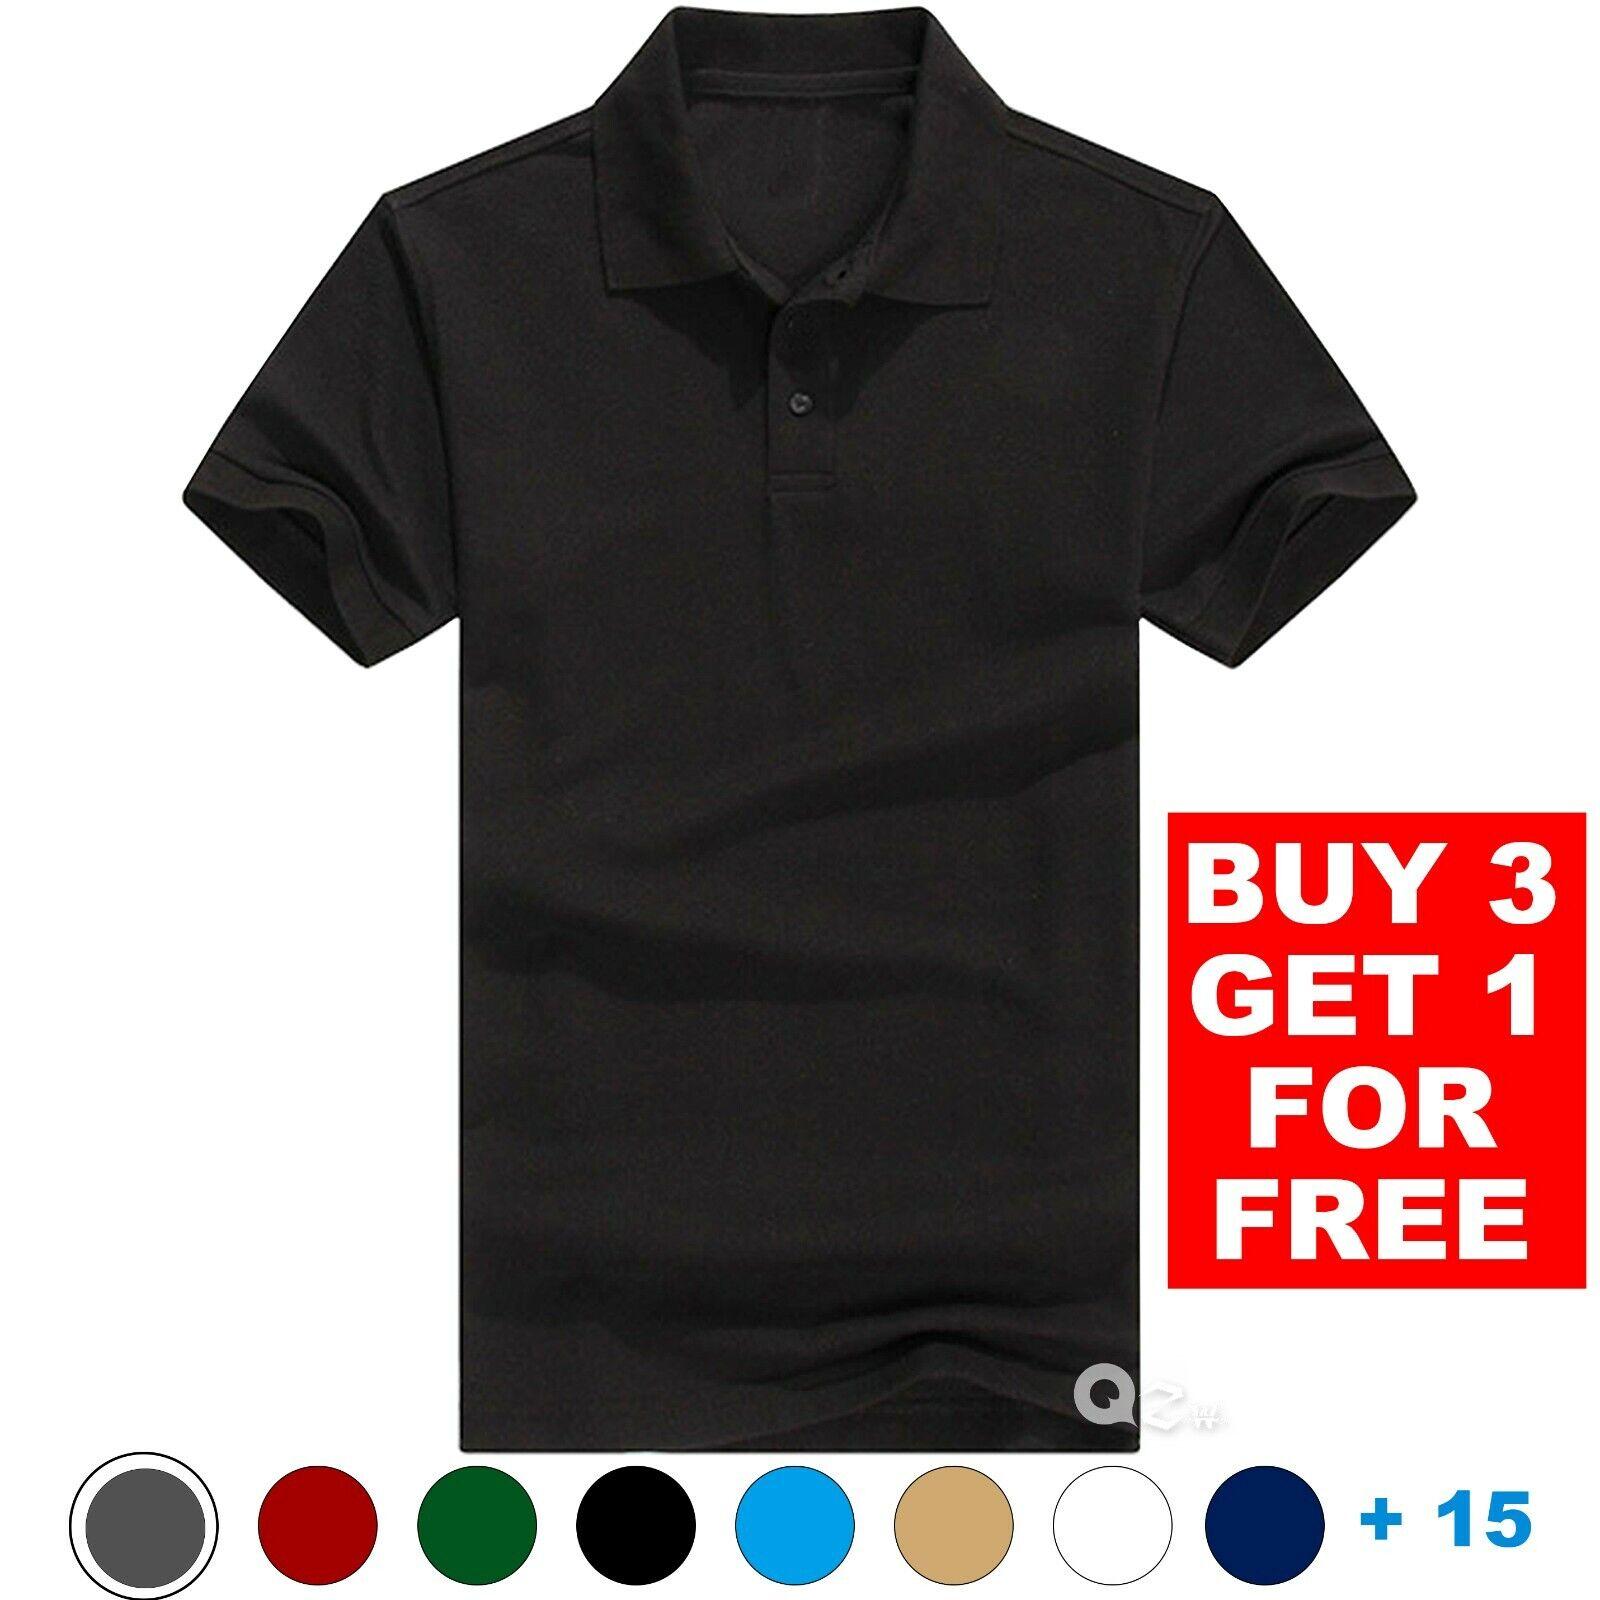 Men's Polo Shirt Golf Sports Cotton Short Sleeve Jersey Casual Plain T Shirt New